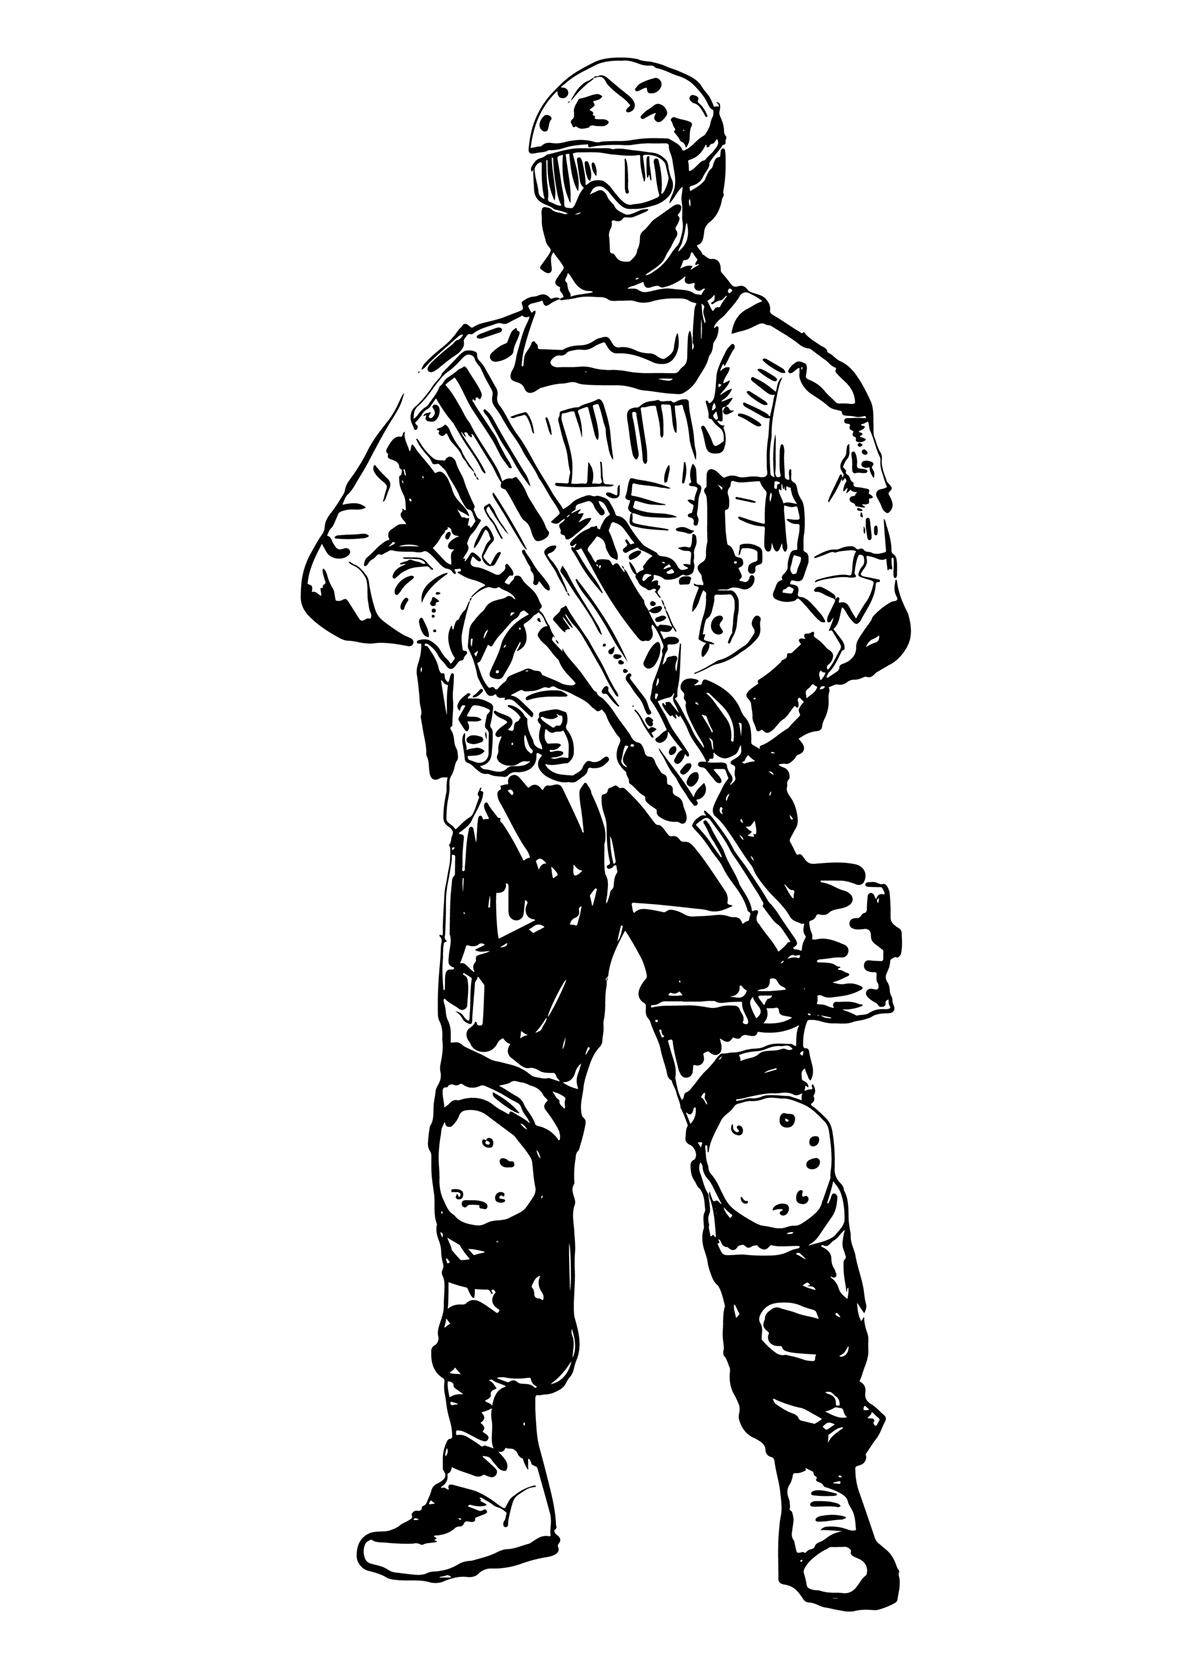 ink sketchy sketch design black